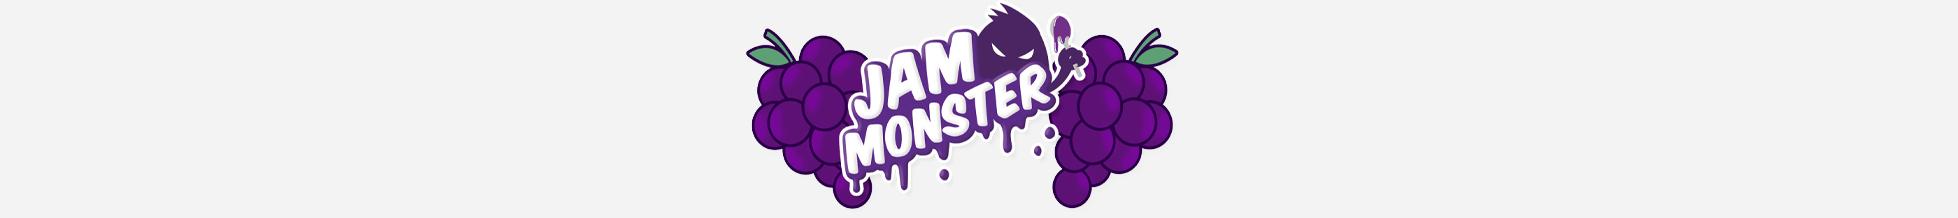 jam-monster.jpg